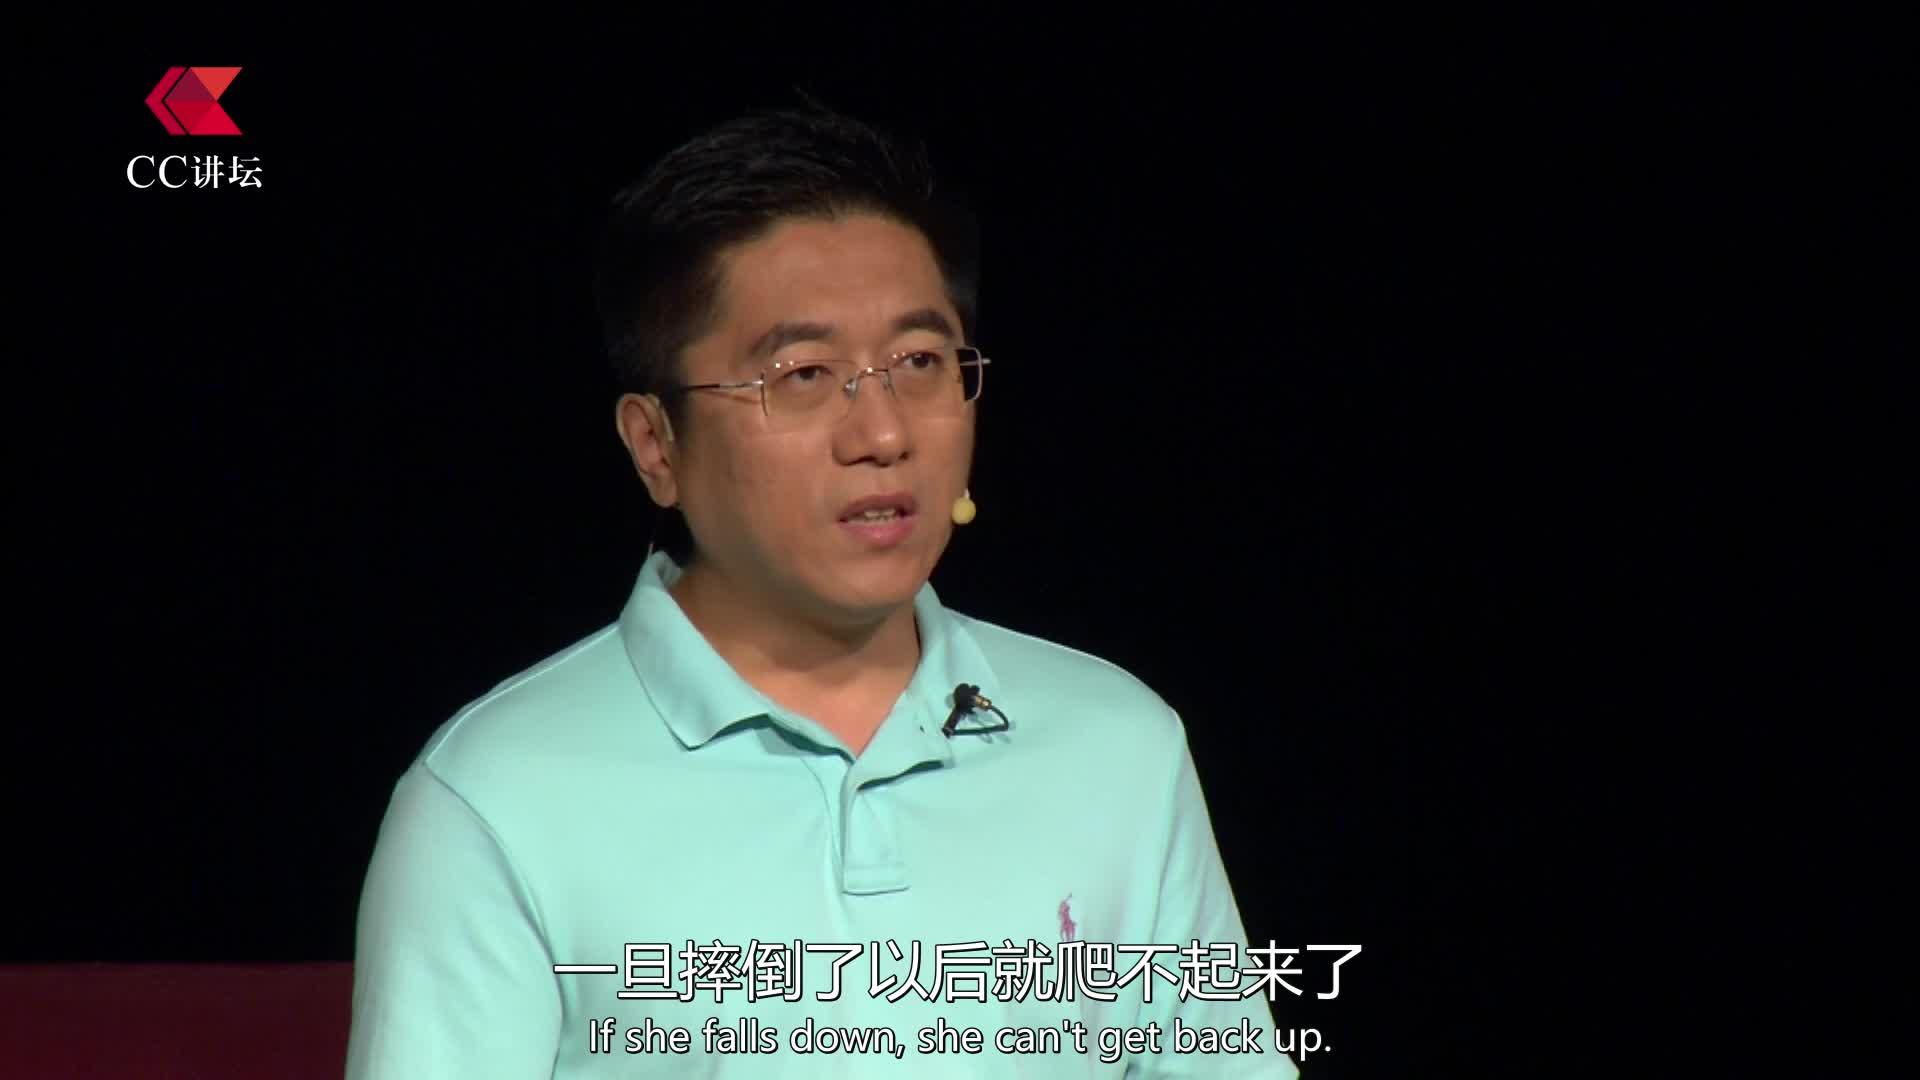 CC讲坛——安沂华:神经干细胞移植的新突破